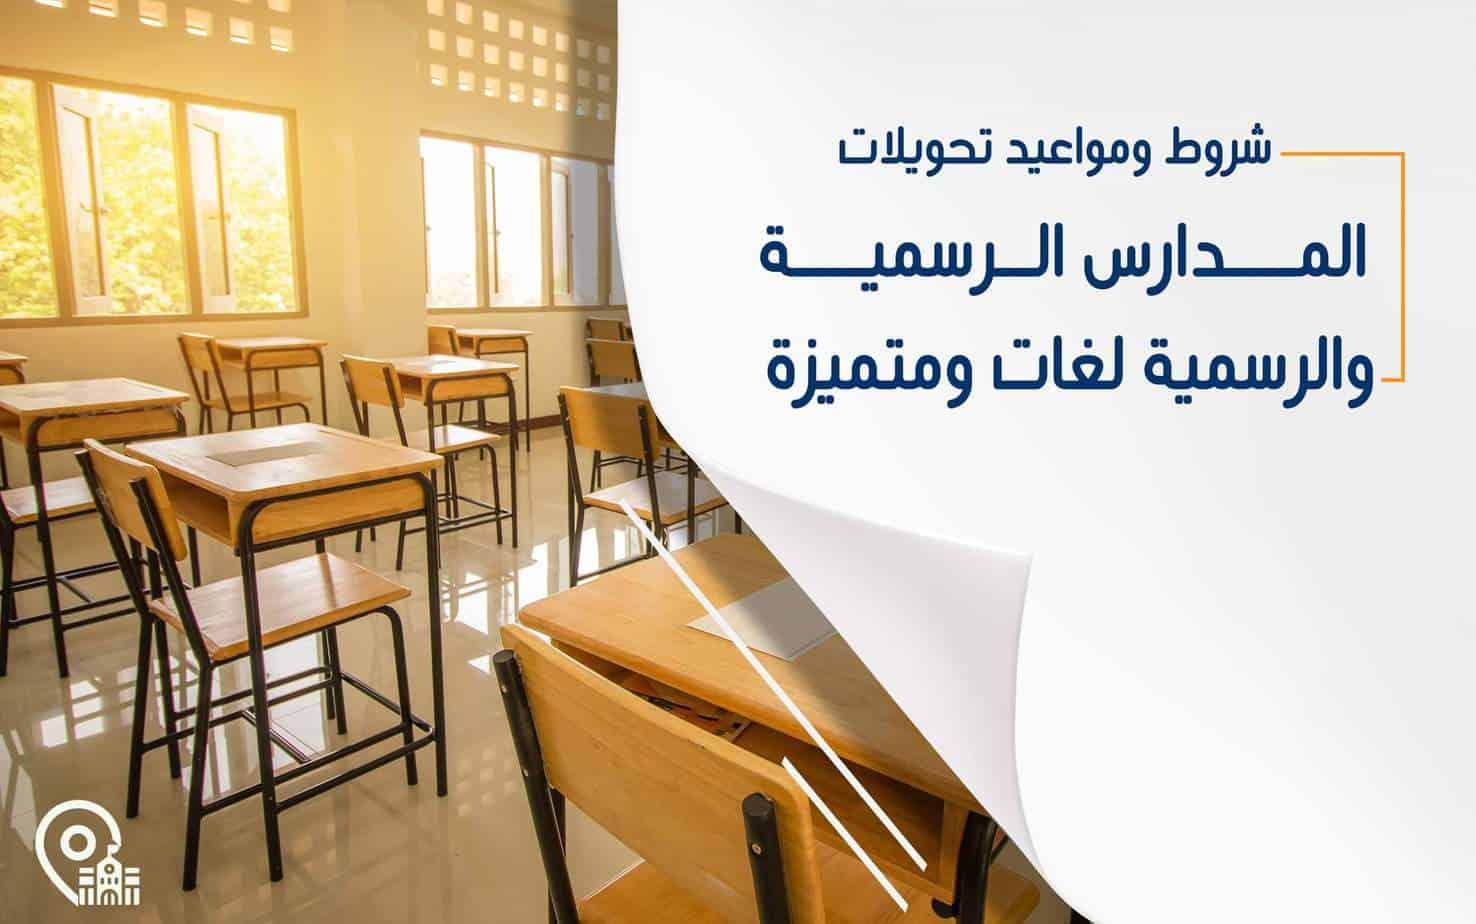 شروط و مواعيد تحويلات المدارس الرسمية والرسمية لغات ومتميزة